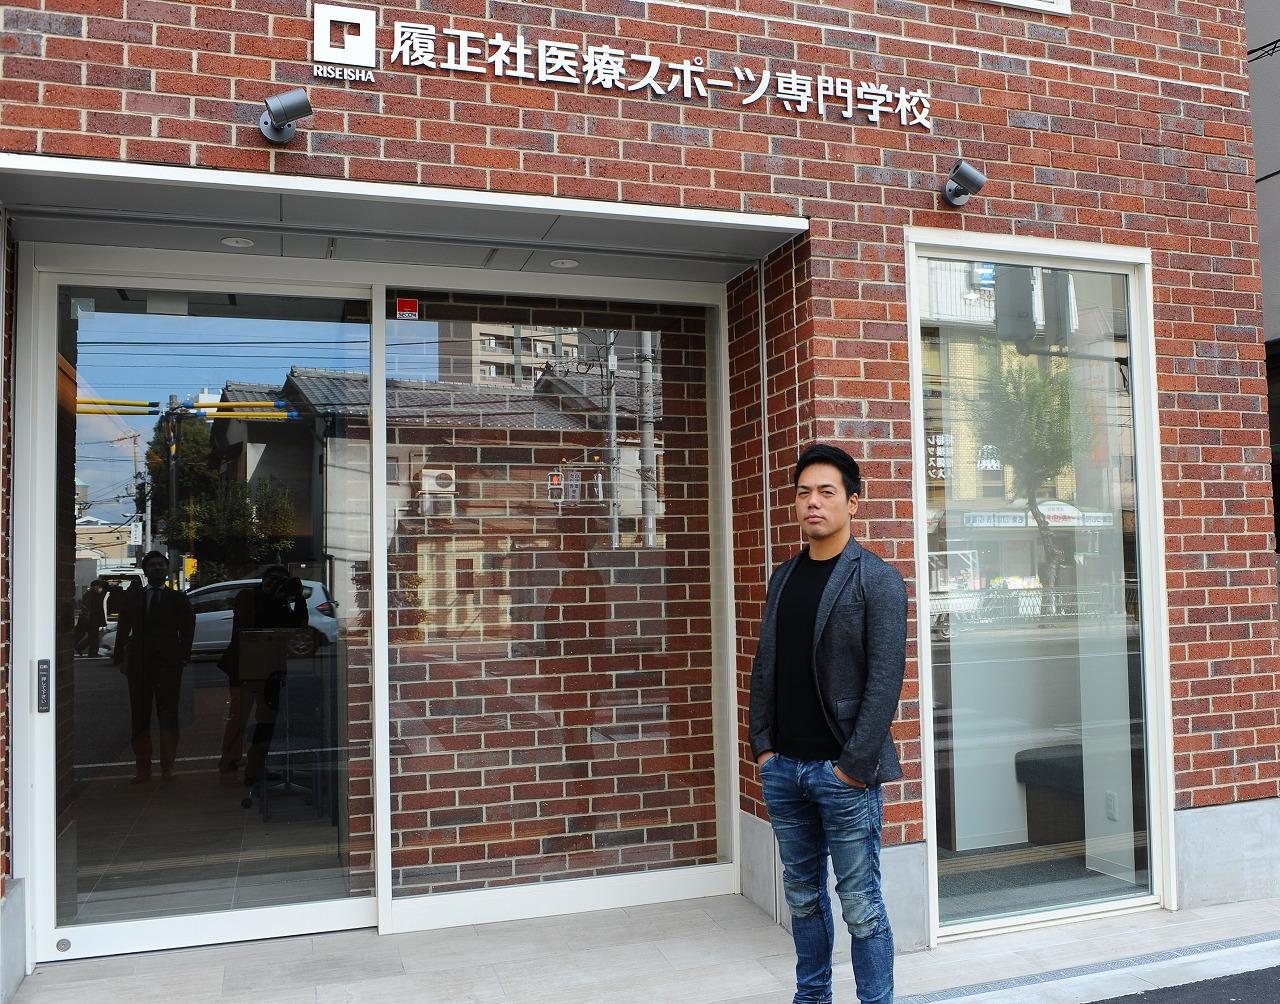 ラグビー日本代表の通訳・佐藤秀典さんが教育界に転職